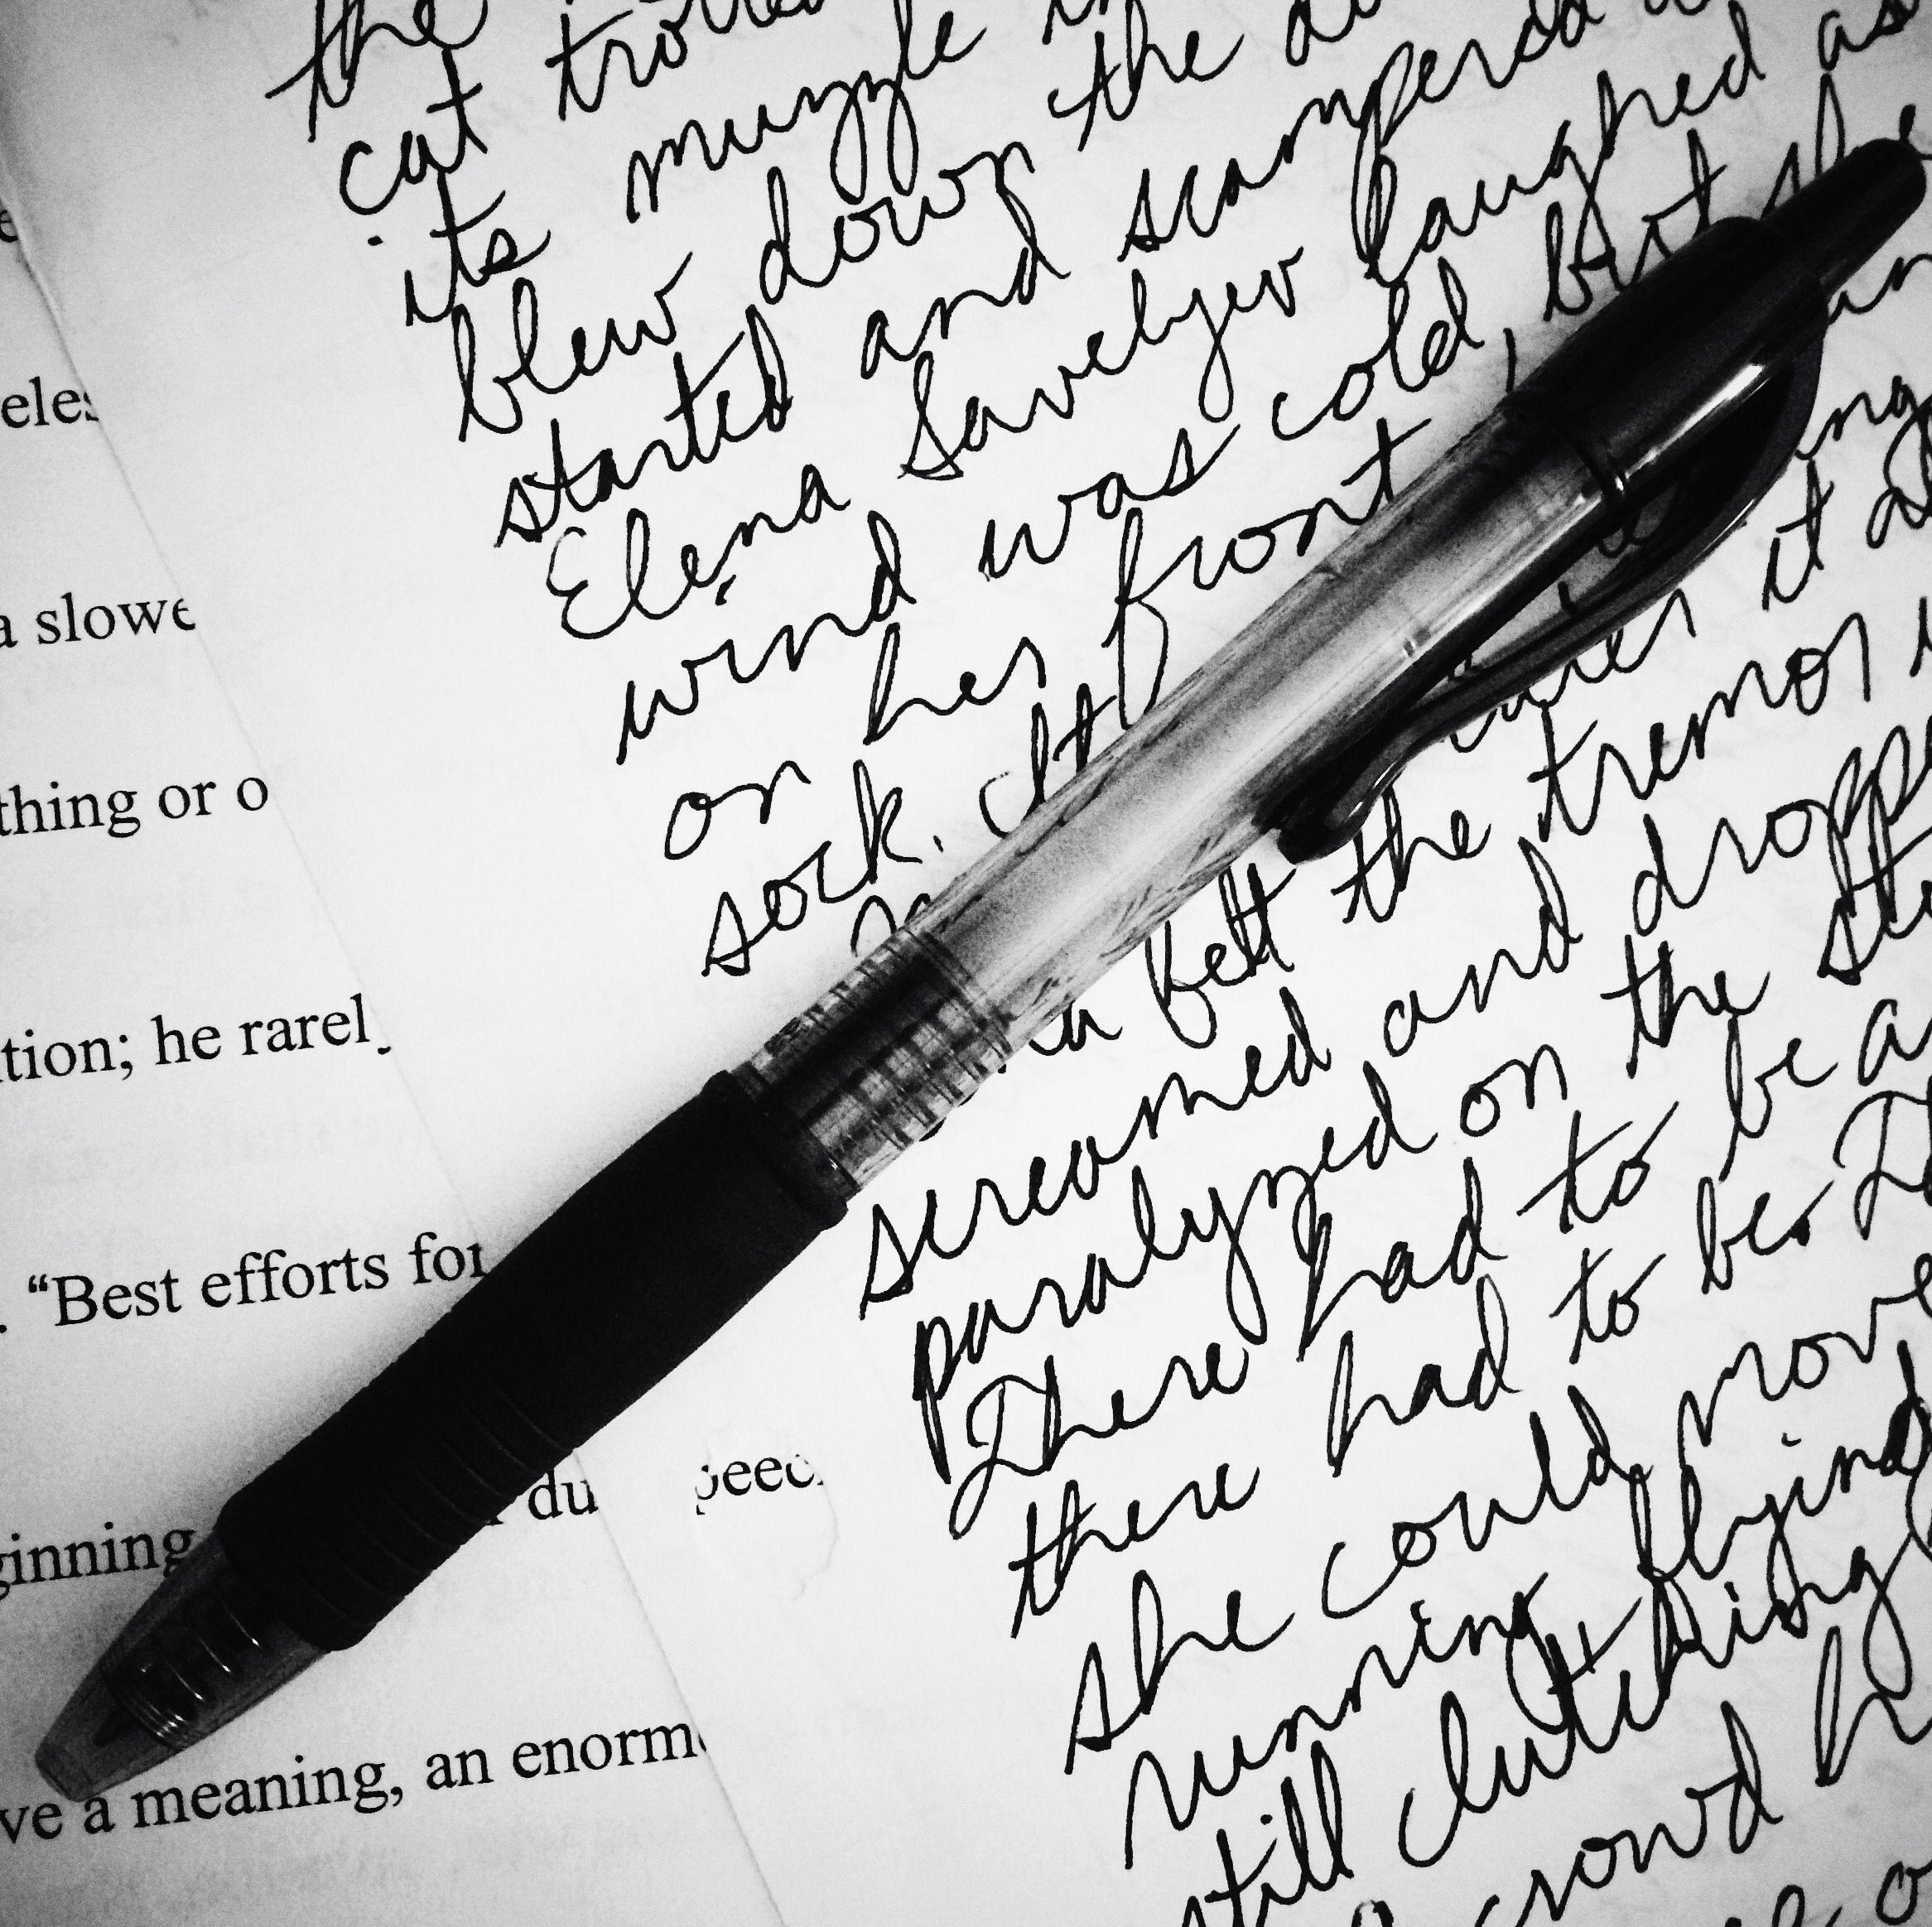 Tagebuch-erst maschinell (Schreibmaschine), dann, als sie auf der Flucht sind, handgeschrieben